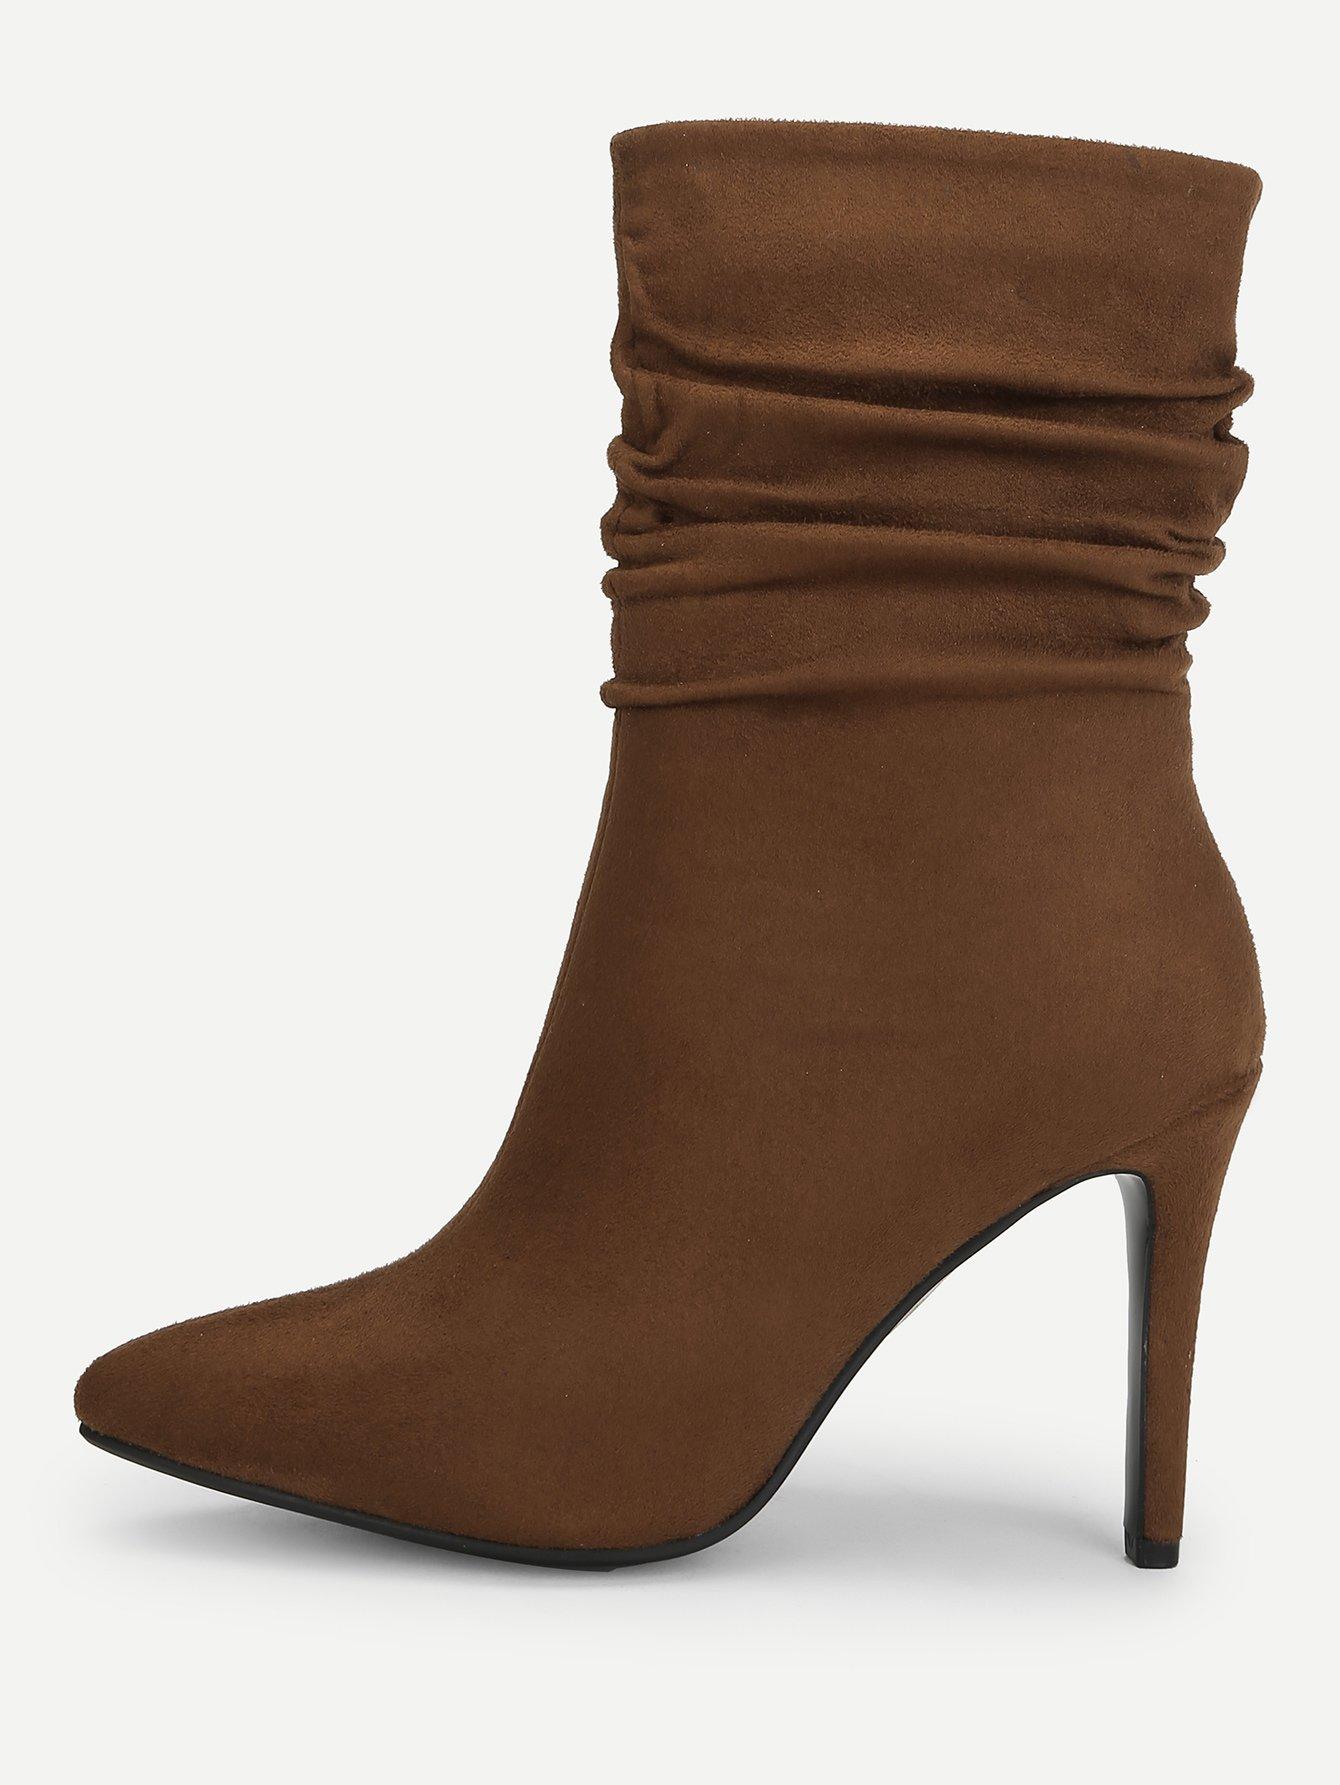 Купить Точечные туфли Ritch Stitchto Anchle Boots, null, SheIn